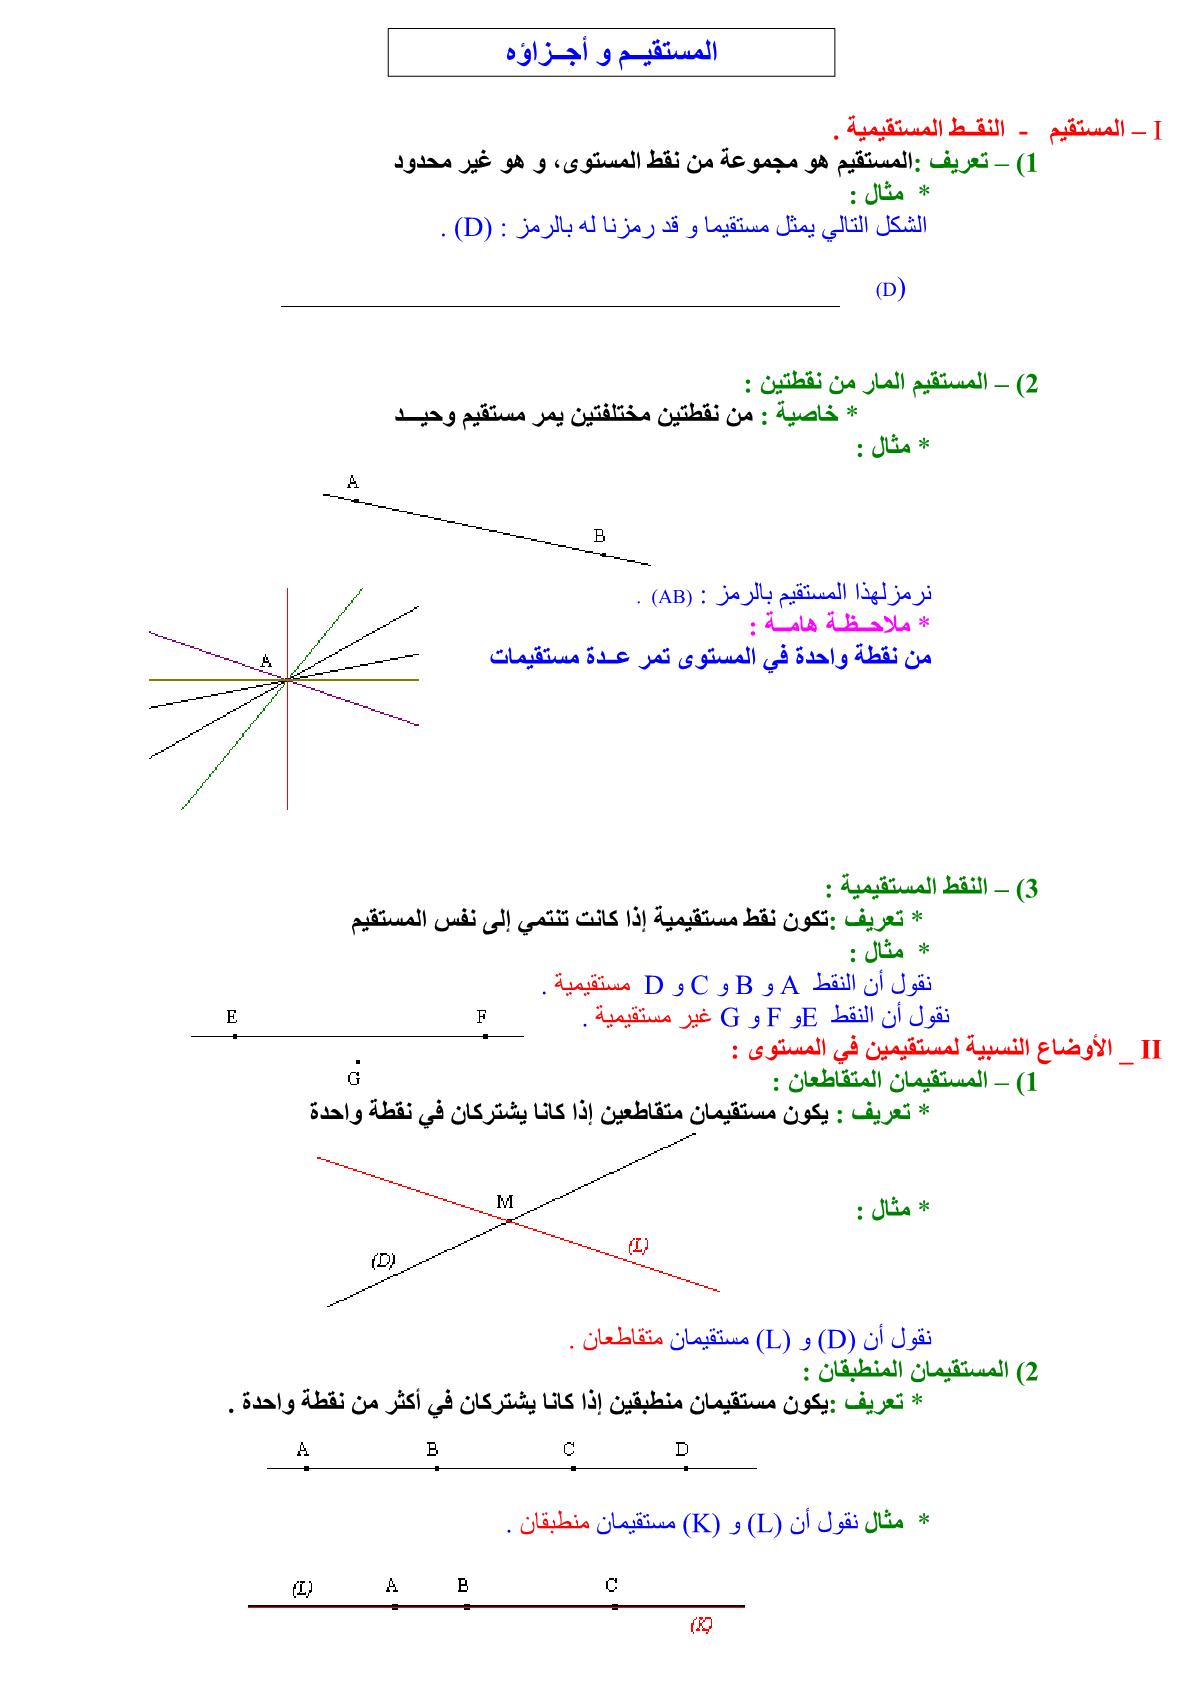 ملخص درس المستقيم وأجزاؤه في مادة الرياضيات للسنة الأولى إعدادي